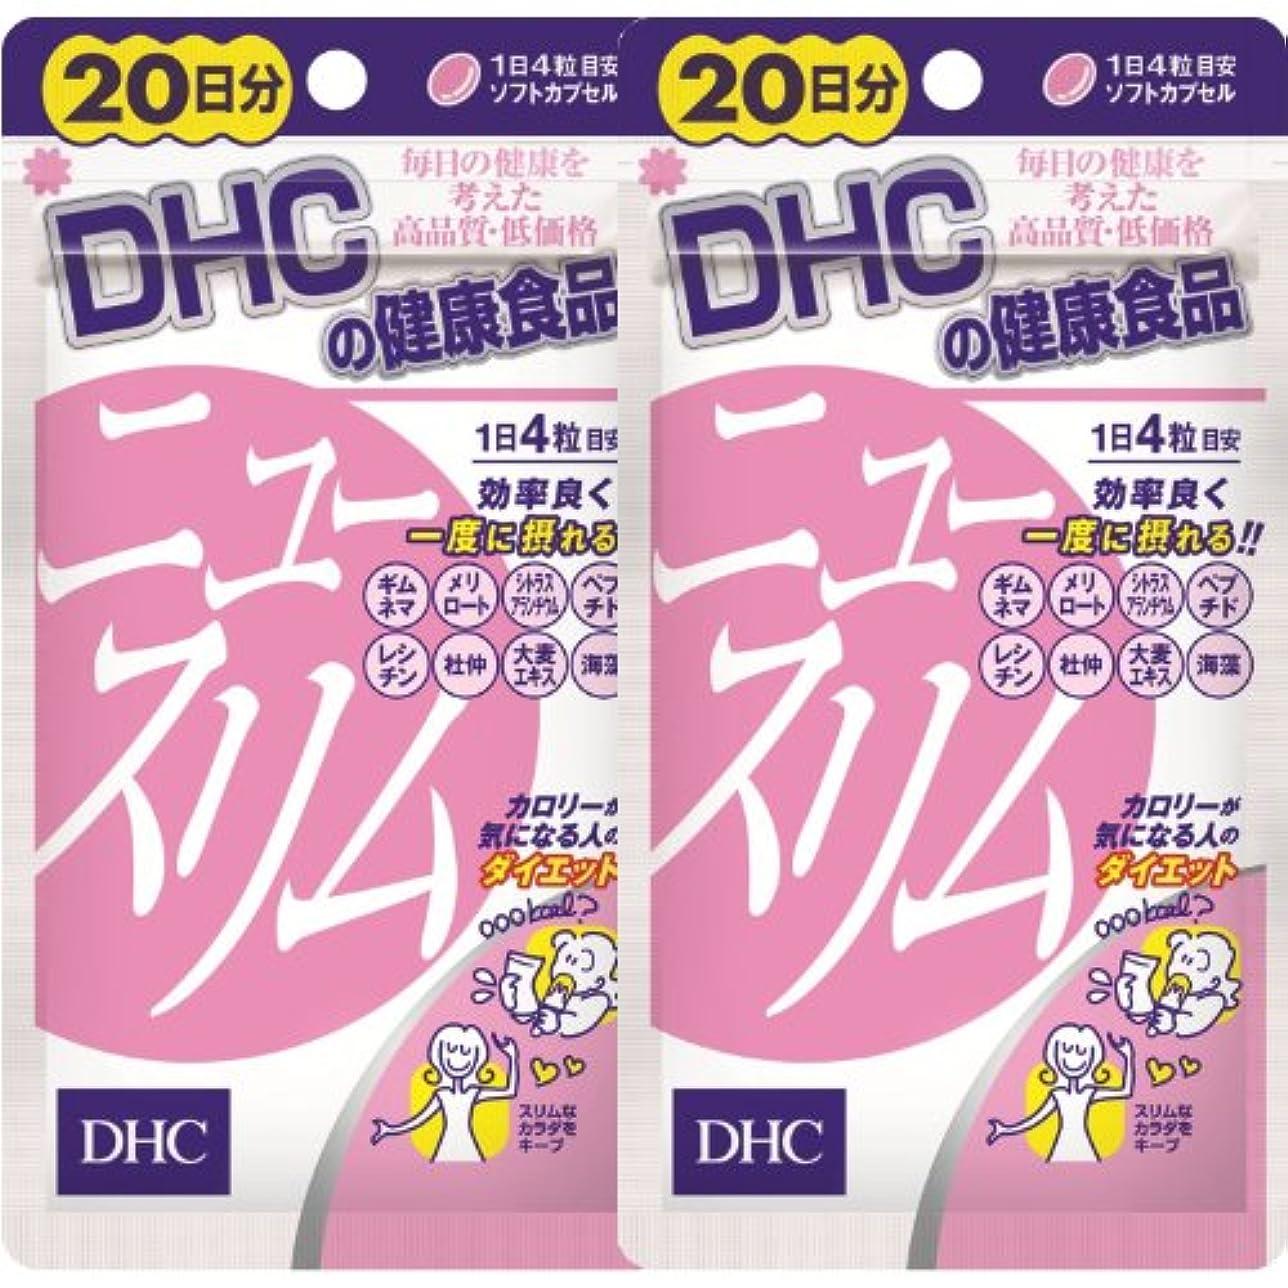 コールド抑圧するフィードバックDHCニュースリム 20日分(新) 80粒【2個セット】